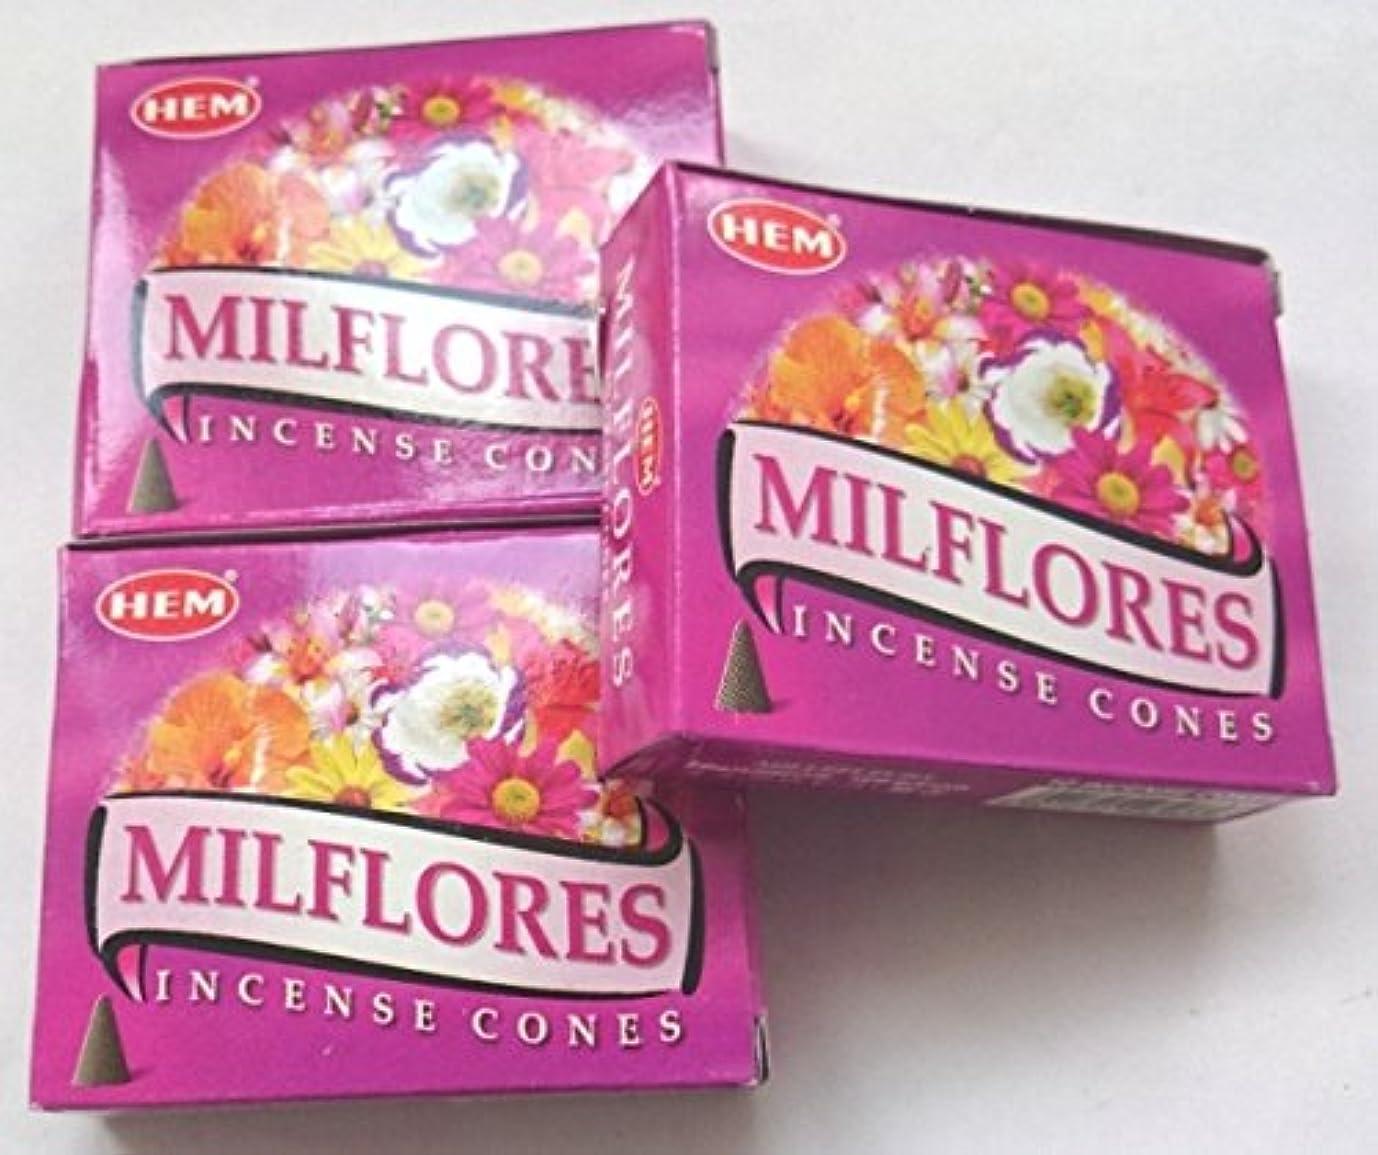 たぶん春興味HEM(ヘム)お香 ミルフローレス コーン 3個セット